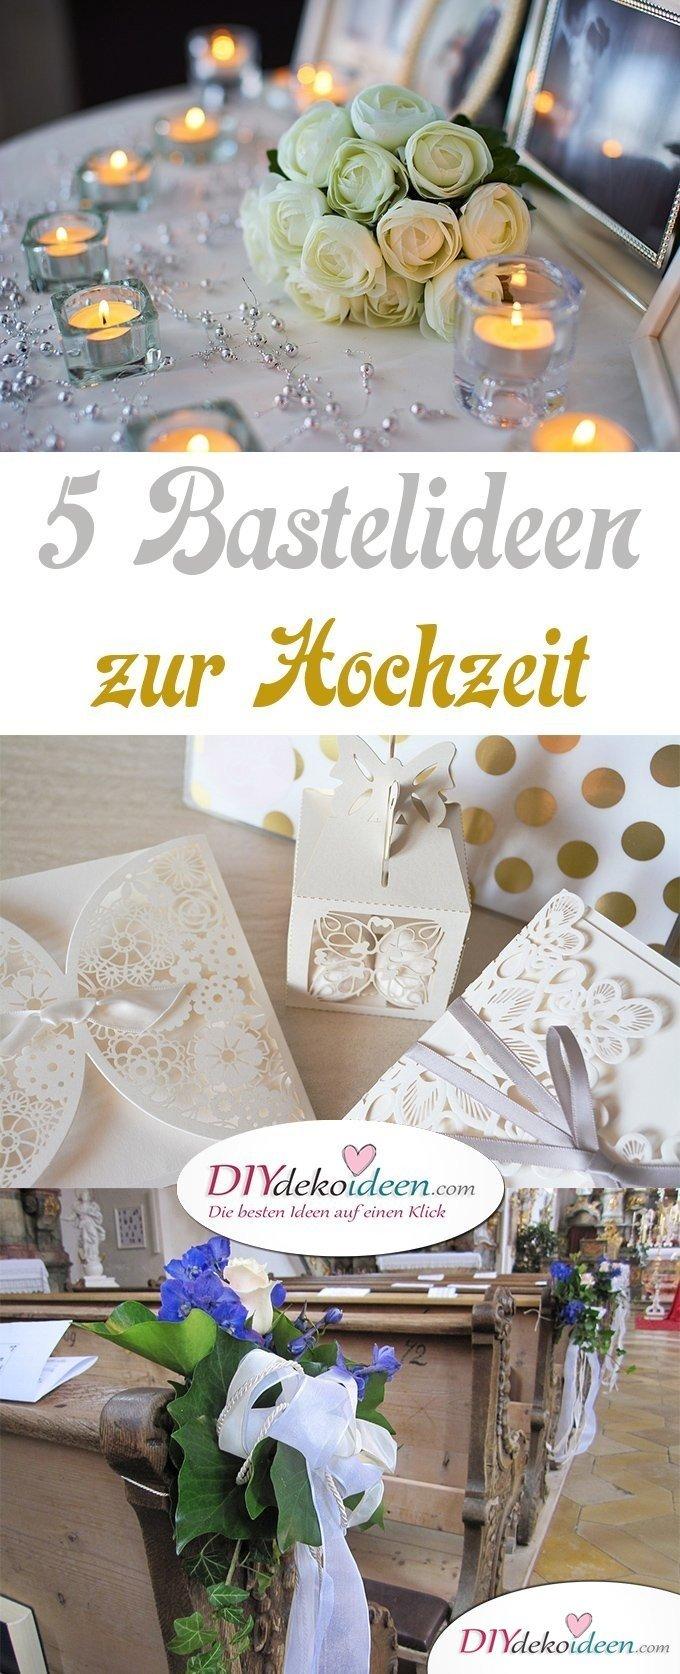 Bastelideen zur Hochzeit, DIY Dekoideen Hochzeit, Hochzeit dekorieren, Hochzeitsdeko, Hochzeit Bastelideen, Hochzeit Tischdeko